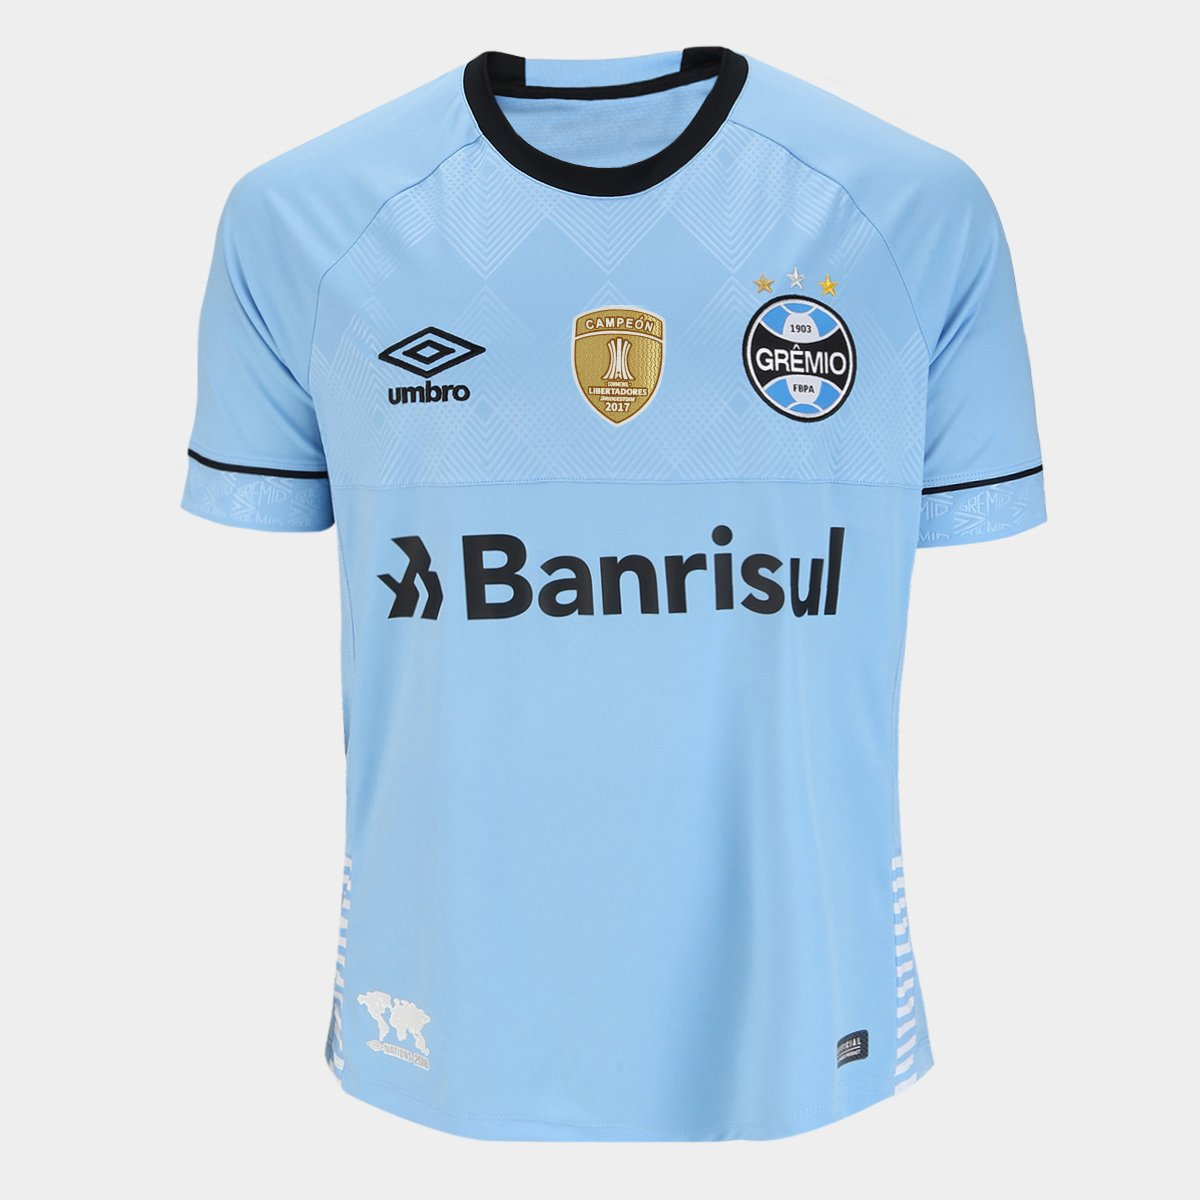 346bc4b9cb0c0 Camisa Grêmio II 2018 s n° Charrua Torcedor Umbro - Patch Campeão  Libertadores - Azul e Preto - Compre Agora